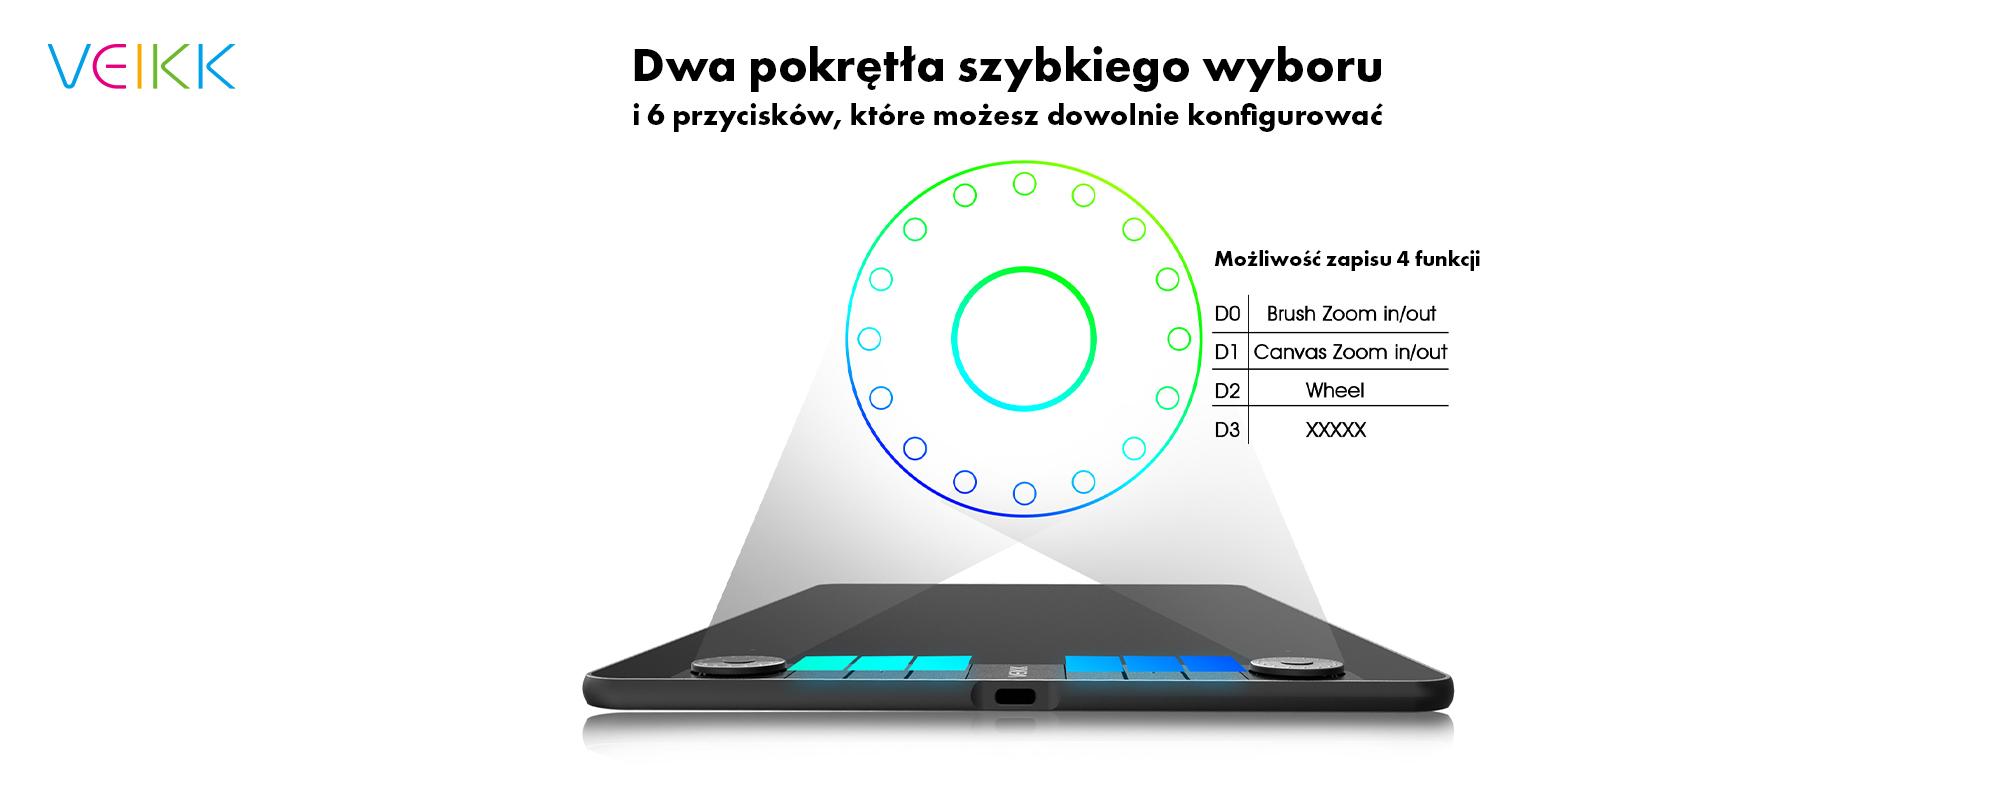 Tablet graficzny Veikk VK1060 Pro - dwa pokrętła szybkiego wyboru